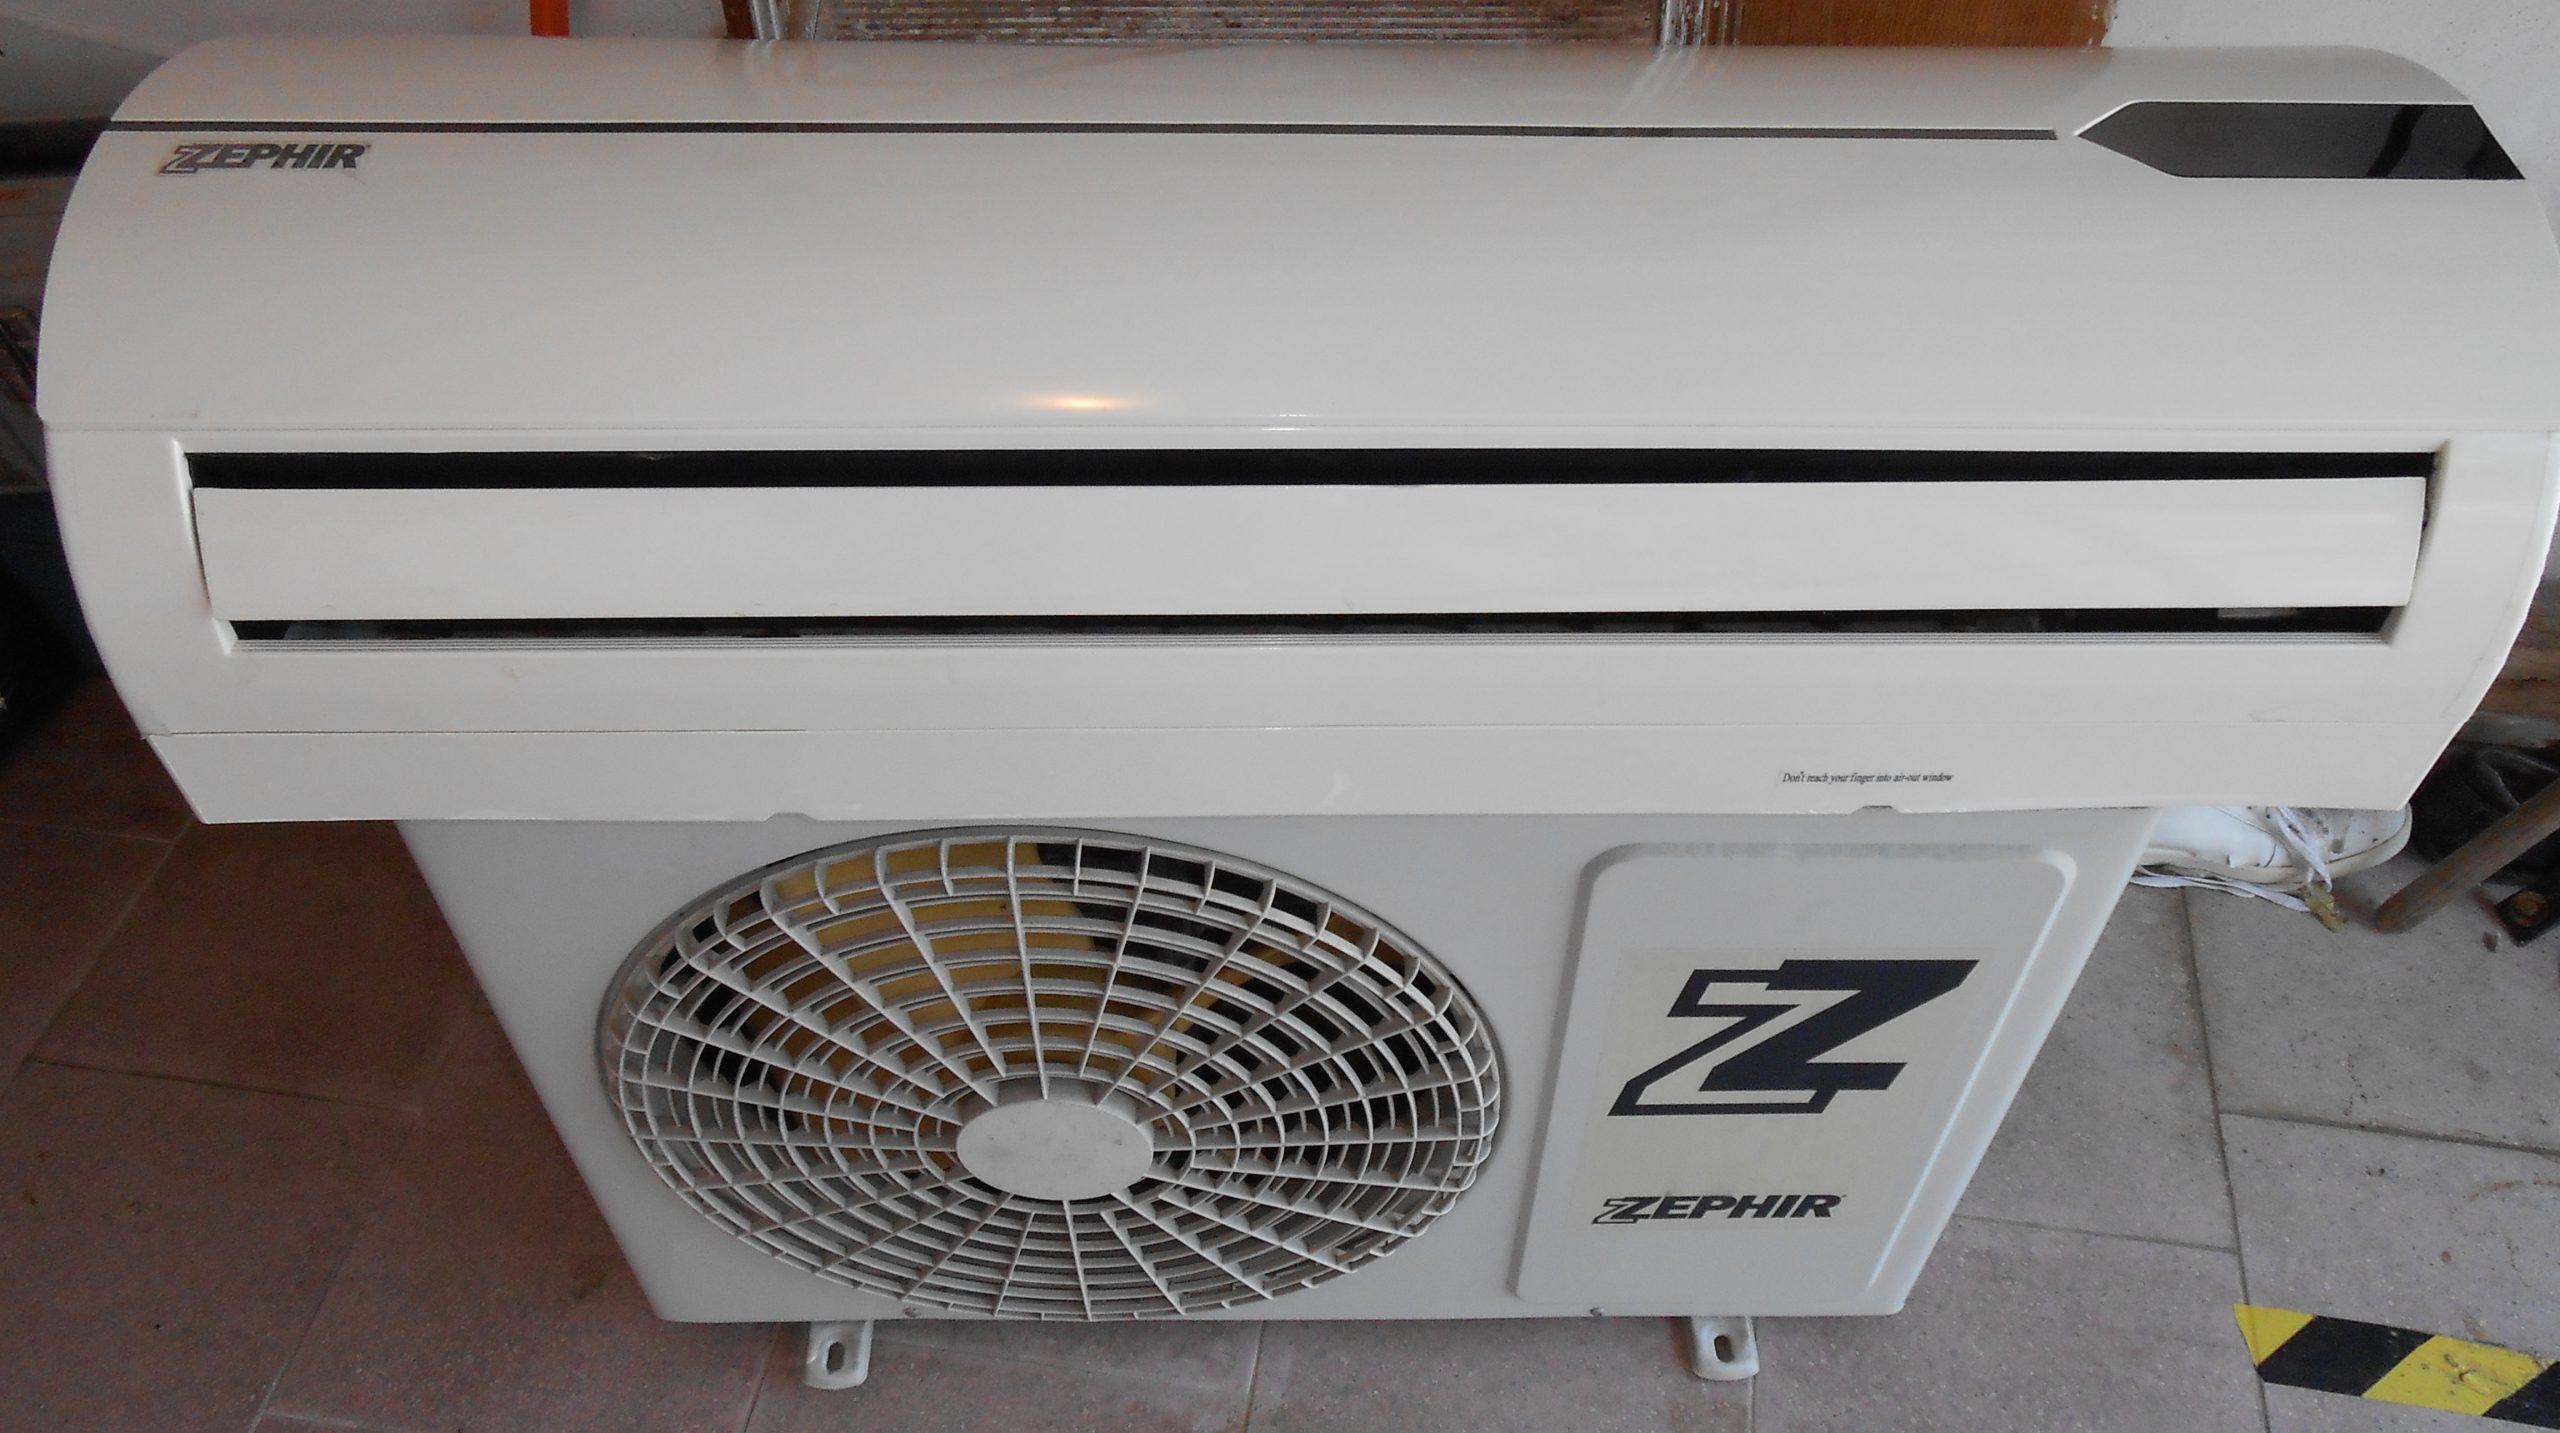 Vendo condizionatore Zephir modello ZBS-12000